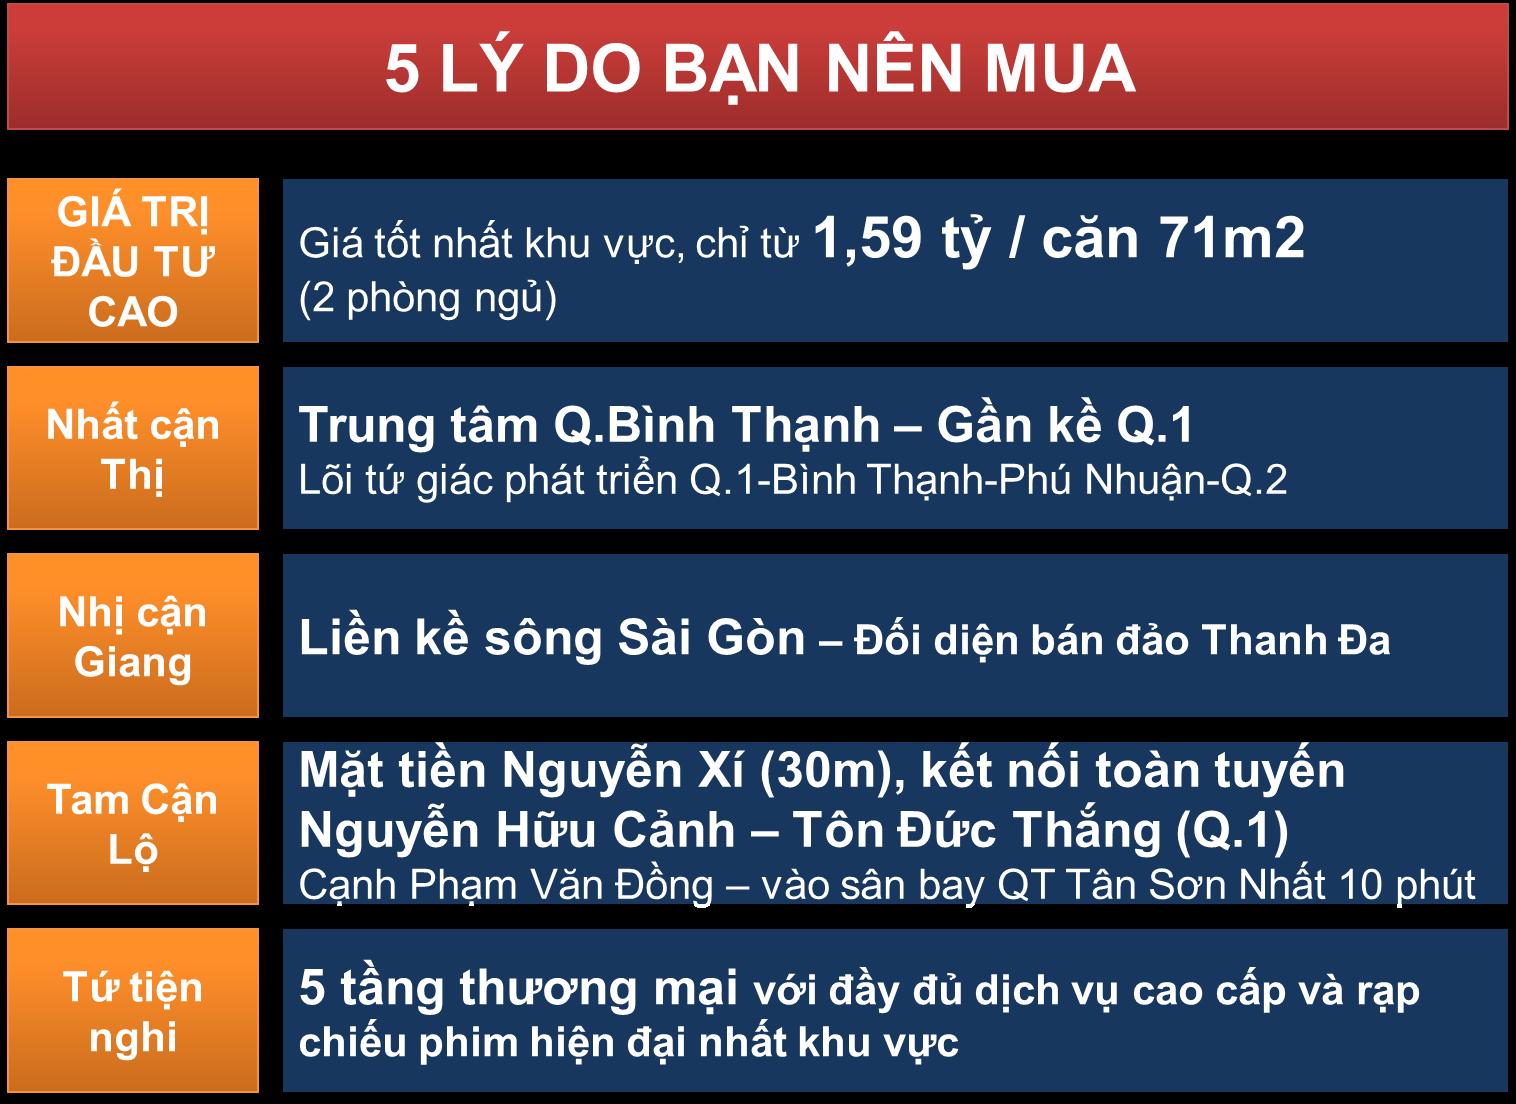 Co nen mua can ho Saigonres Plaza Nguyen Xi cua Dat Xanh?